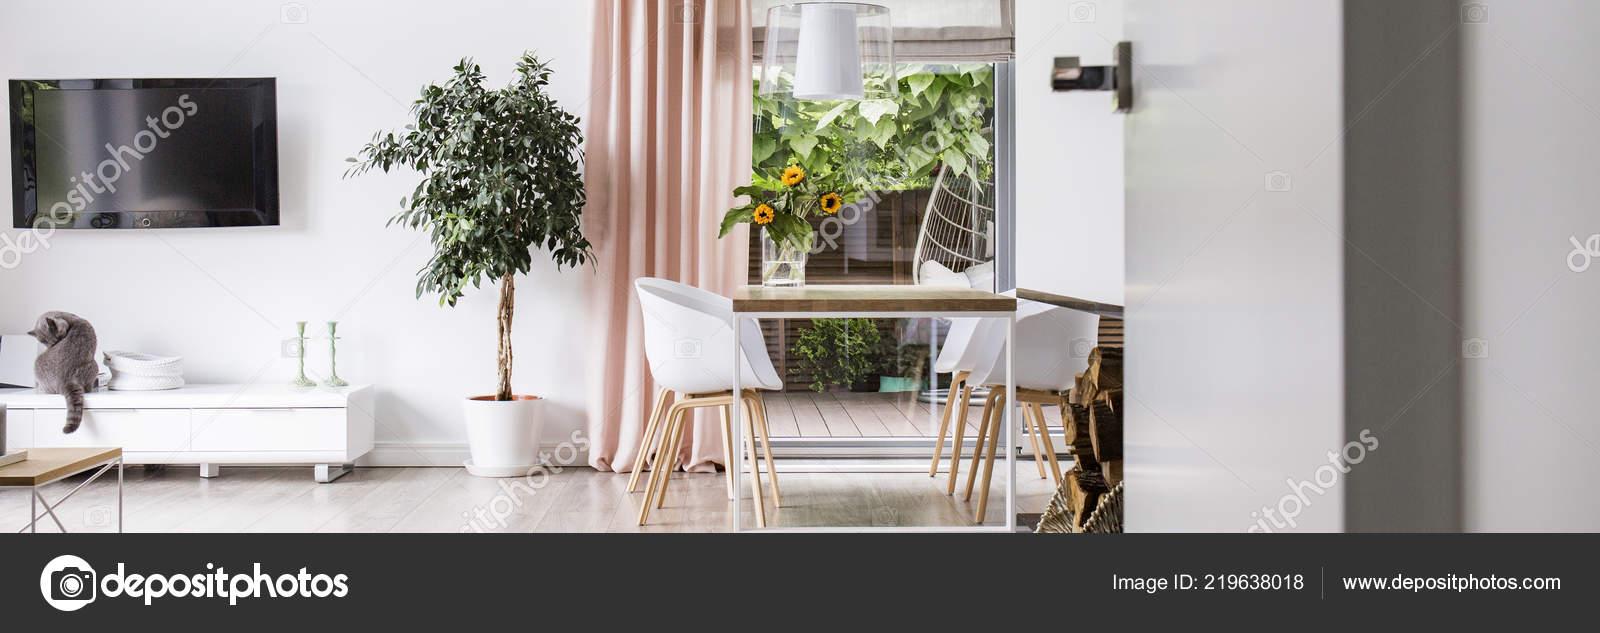 Panorama Sedie Tavolo Pranzo Bianco Appartamento Interno Con Pianta ...